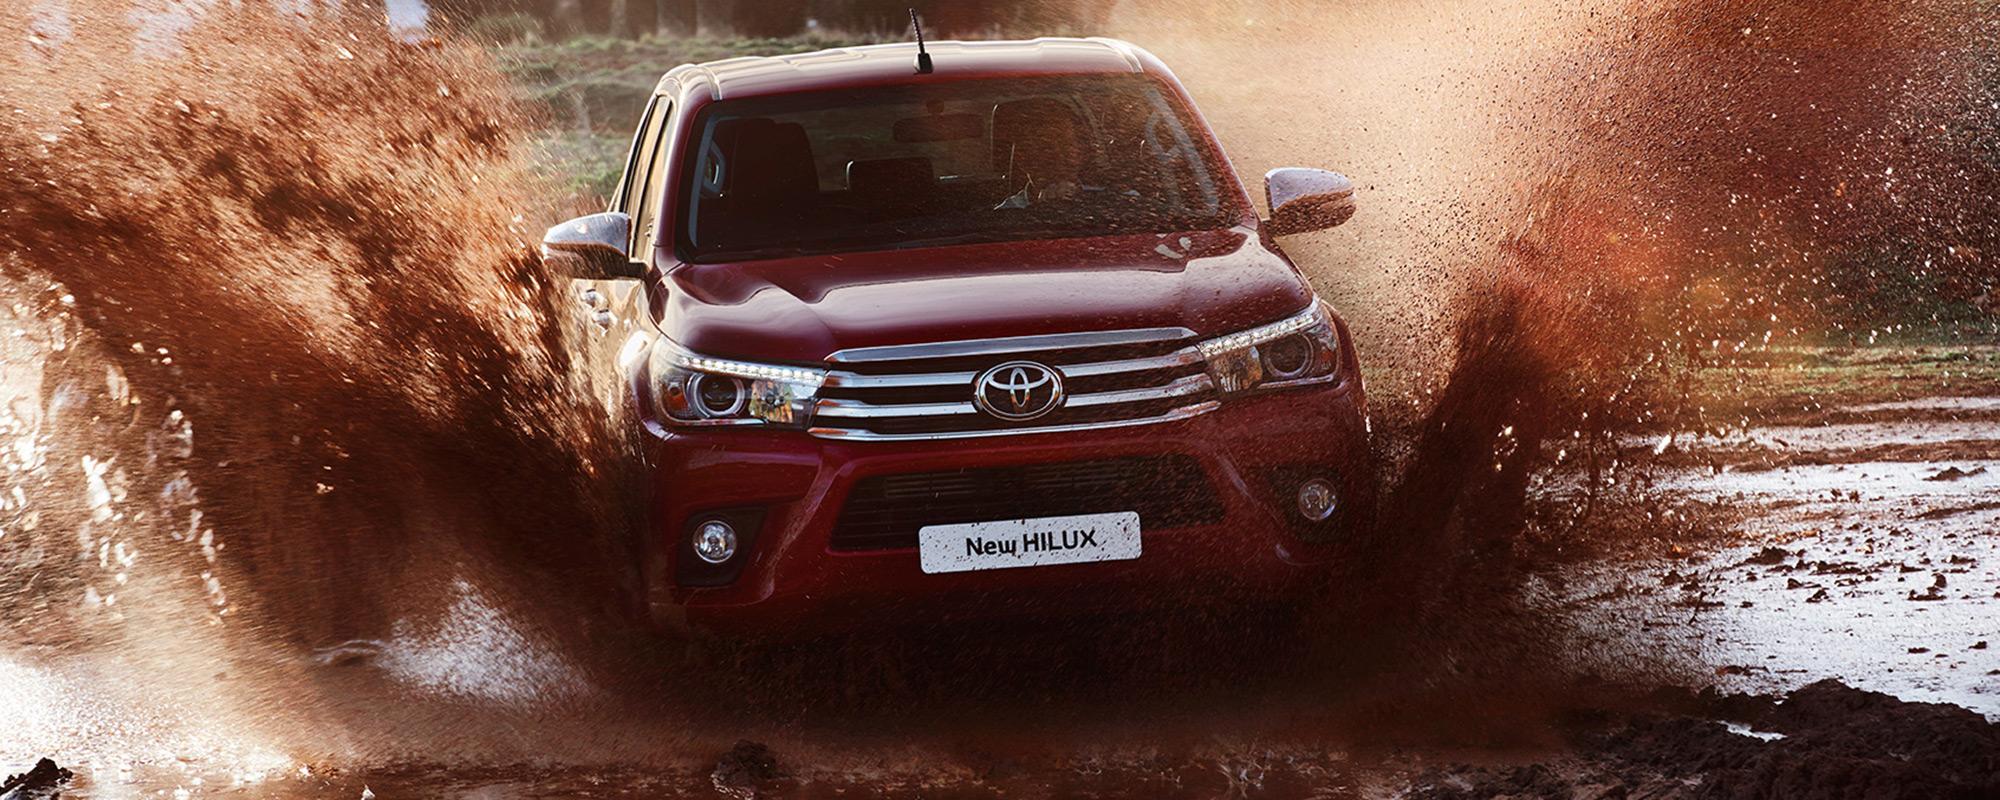 Icoon sterker dan ooit: de 8e generatie Toyota Hilux